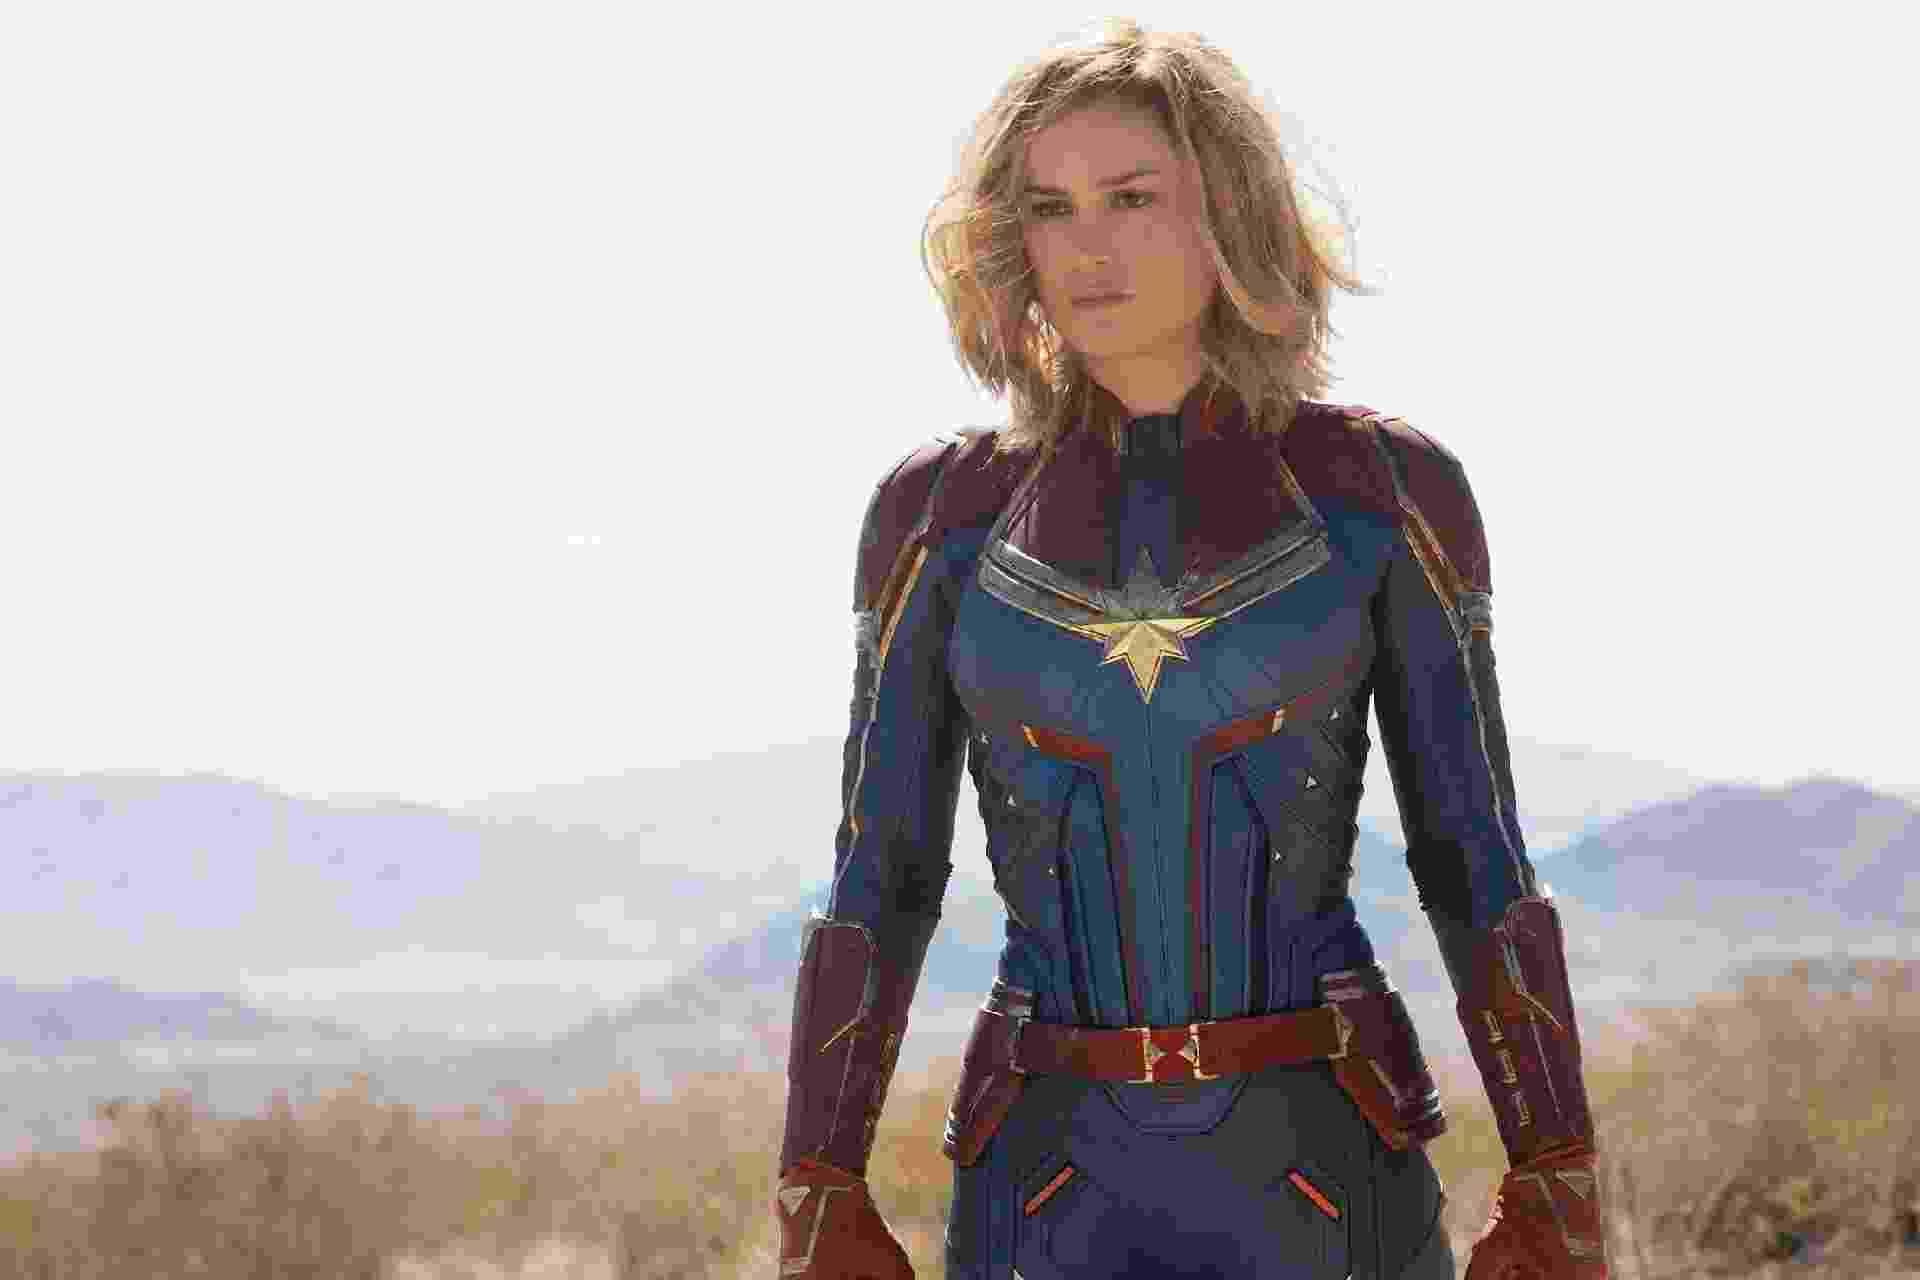 Brie Larson aparece como Capitã Marvel em fotos divulgadas pela revista Entertainment Weekly - Reprodução/Entertainment Weekly